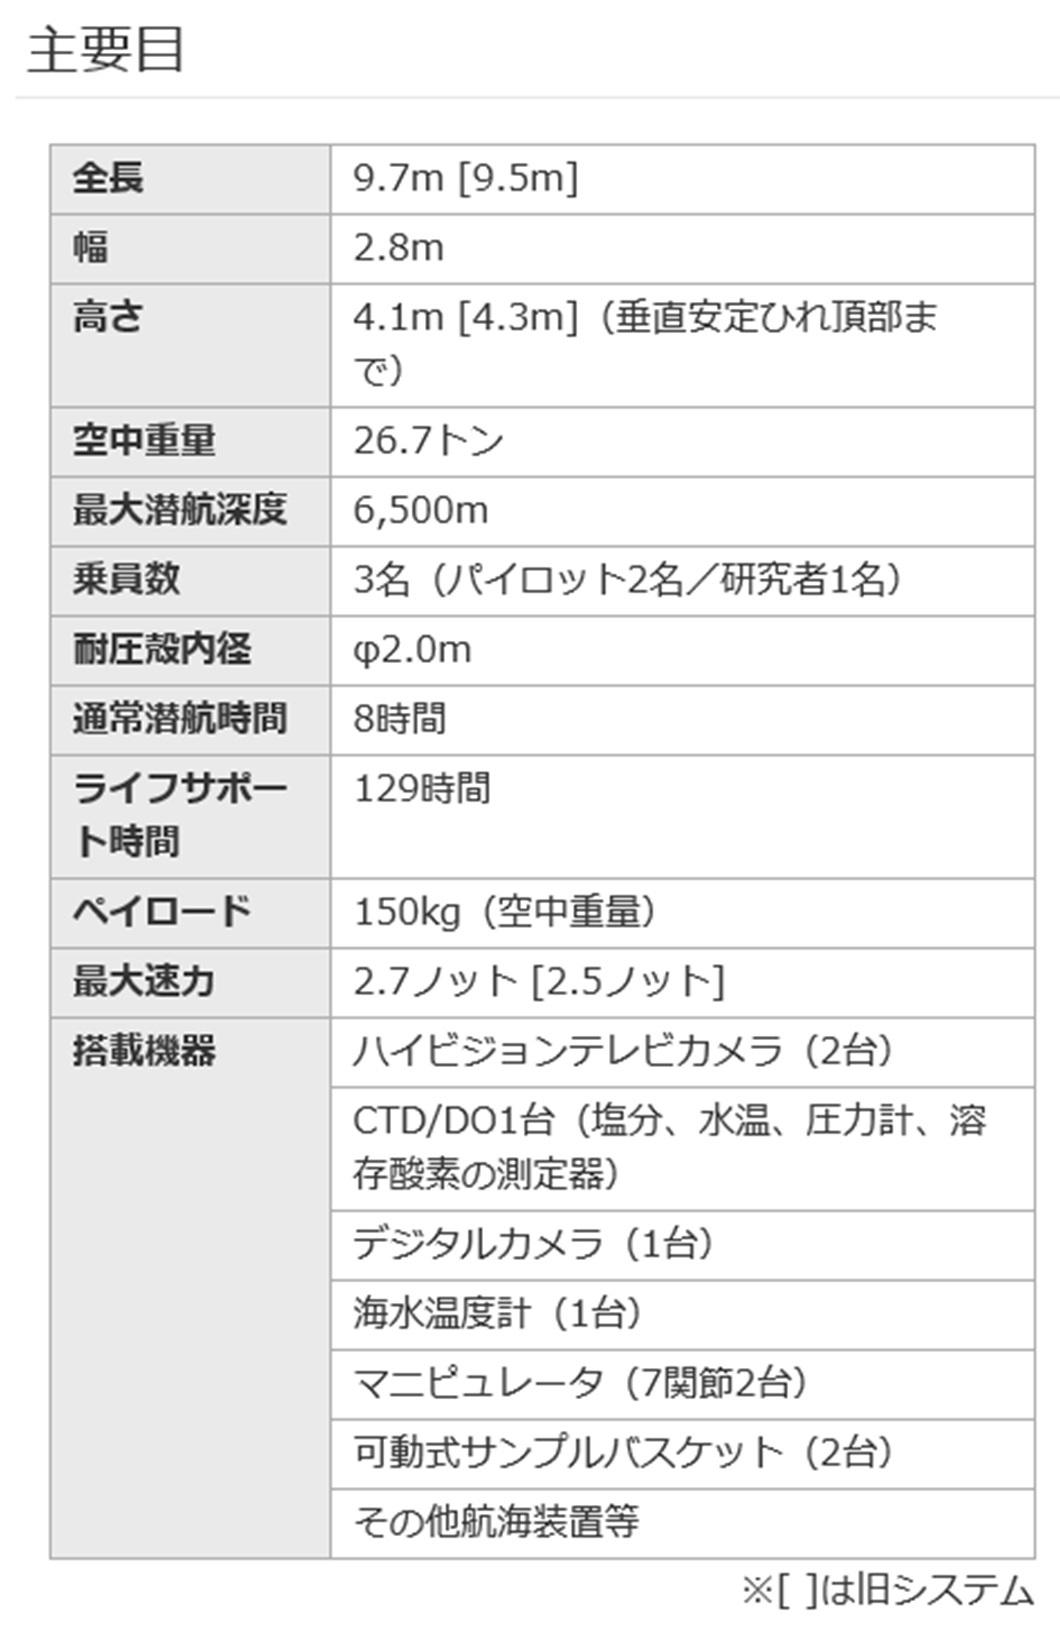 しんかい6500-5